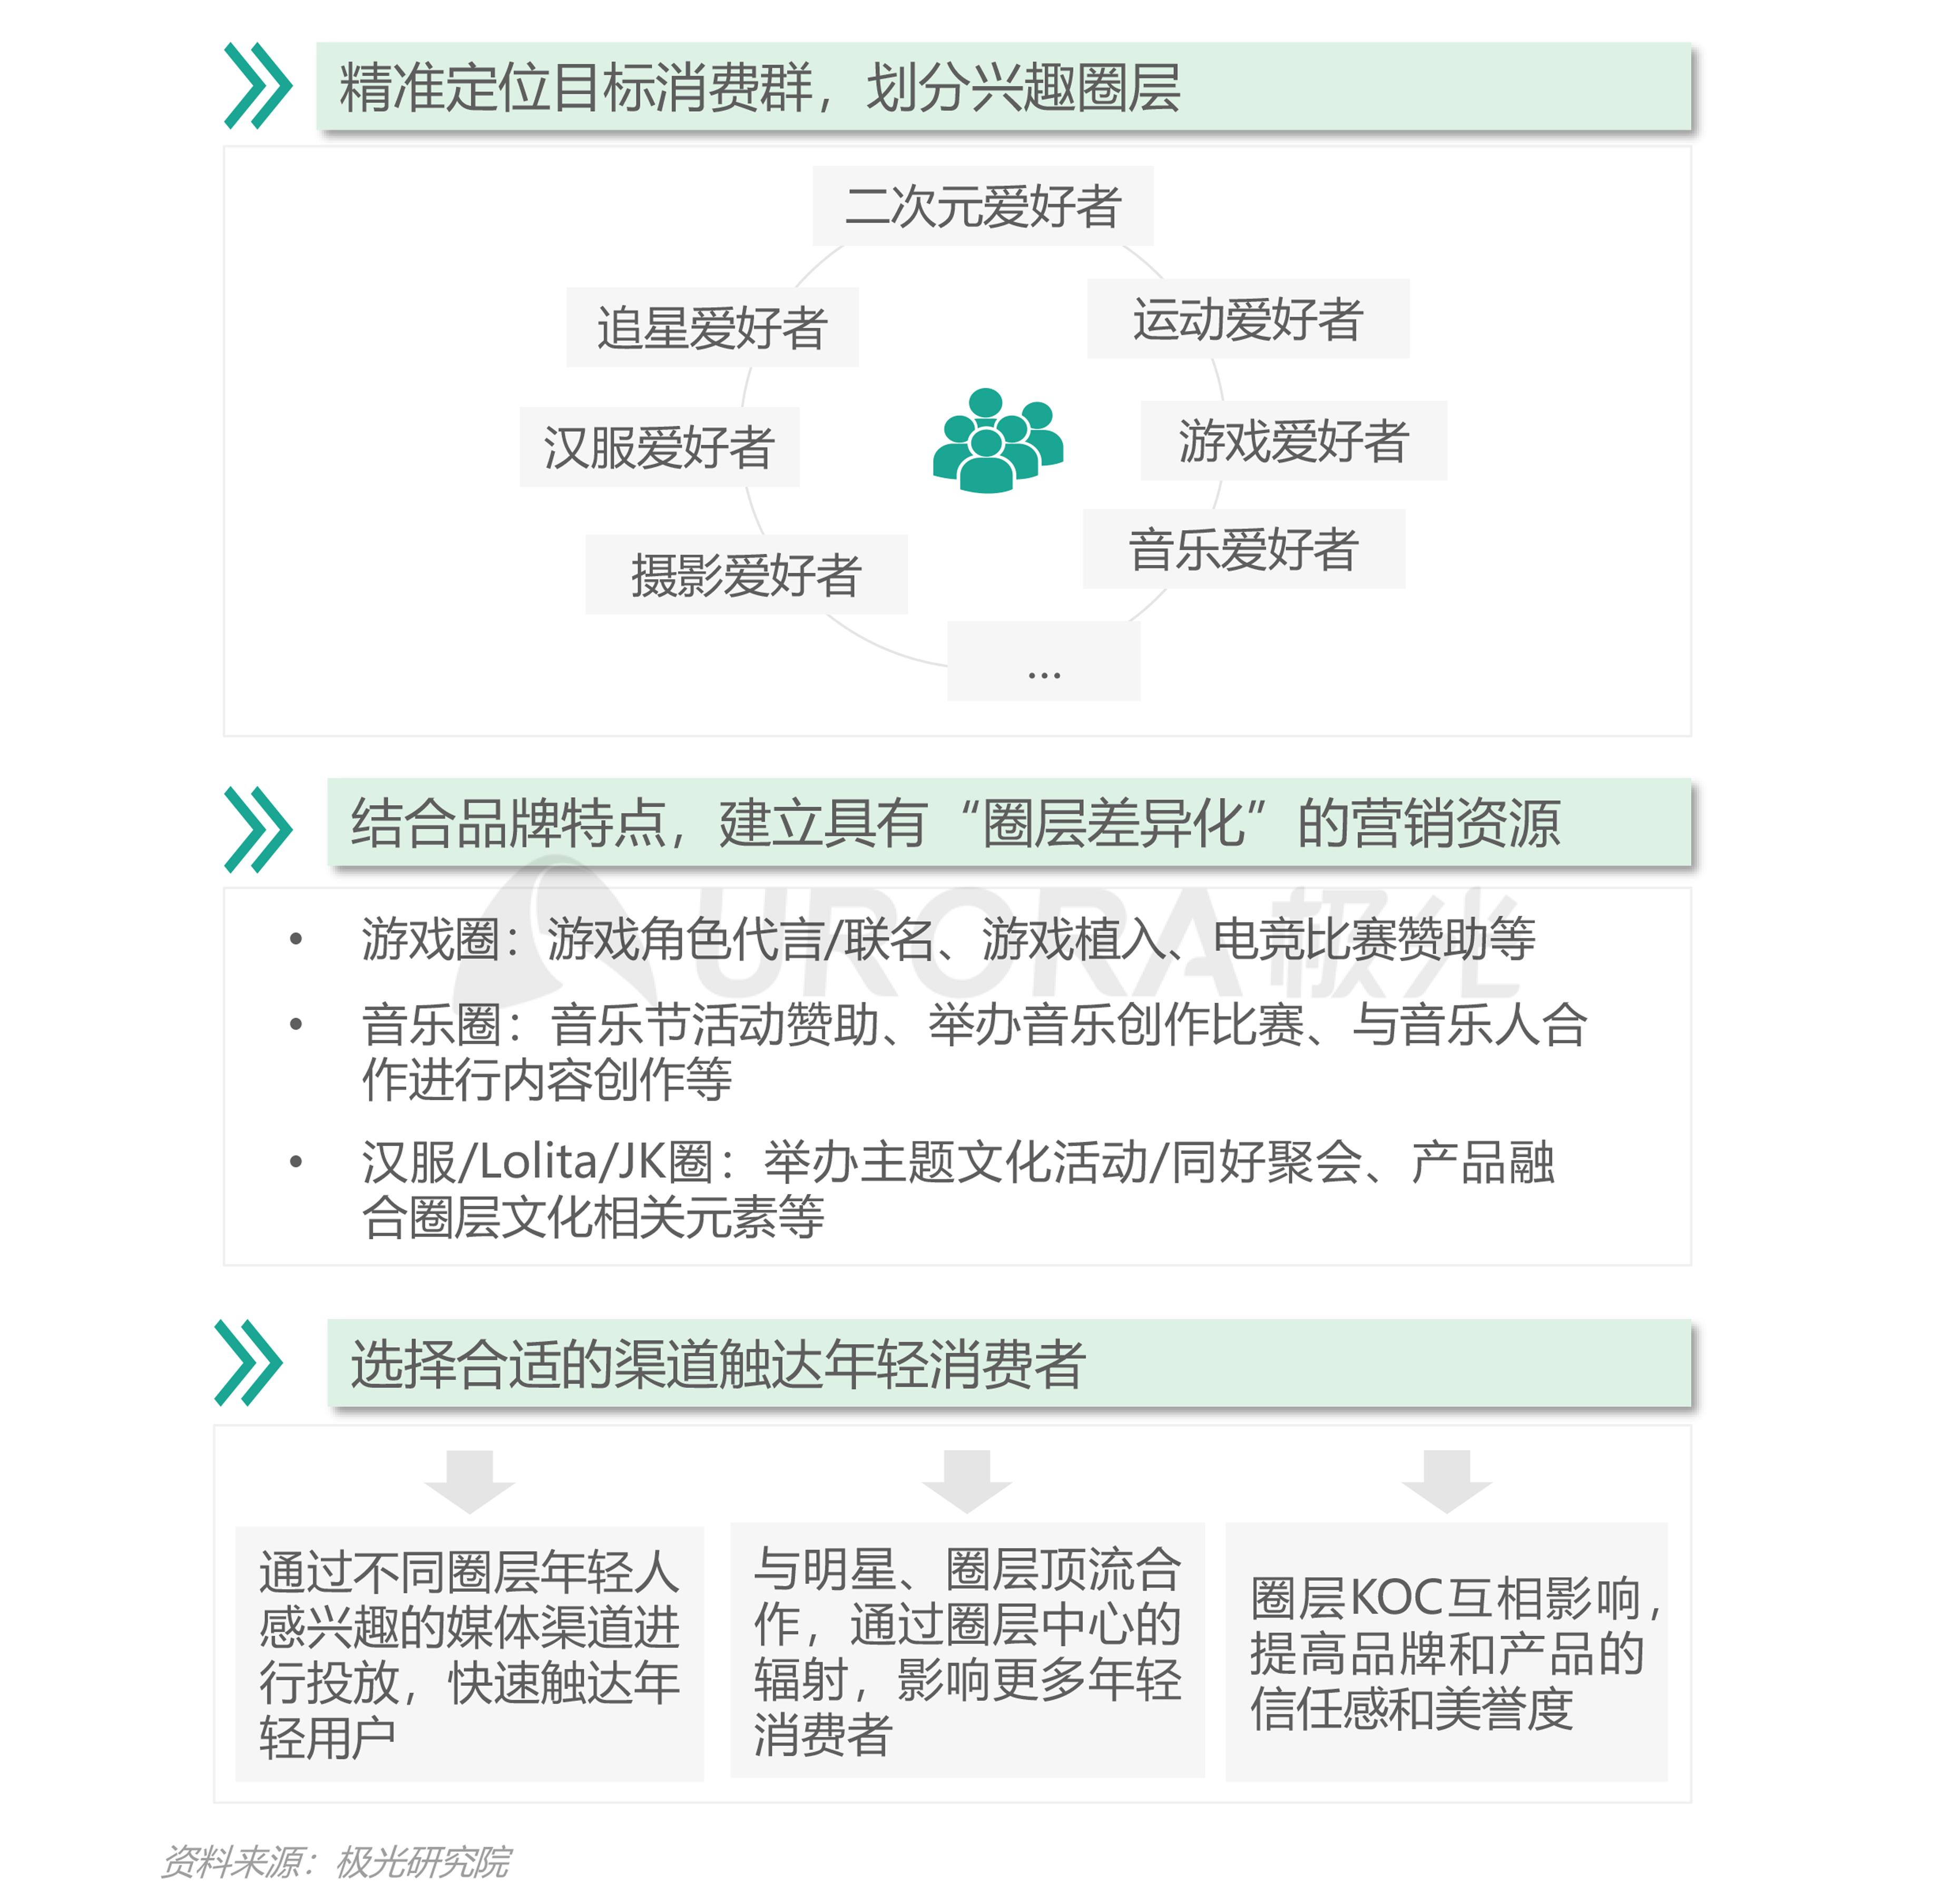 2021年轻人营销趋势研究报告【定稿】-31.png